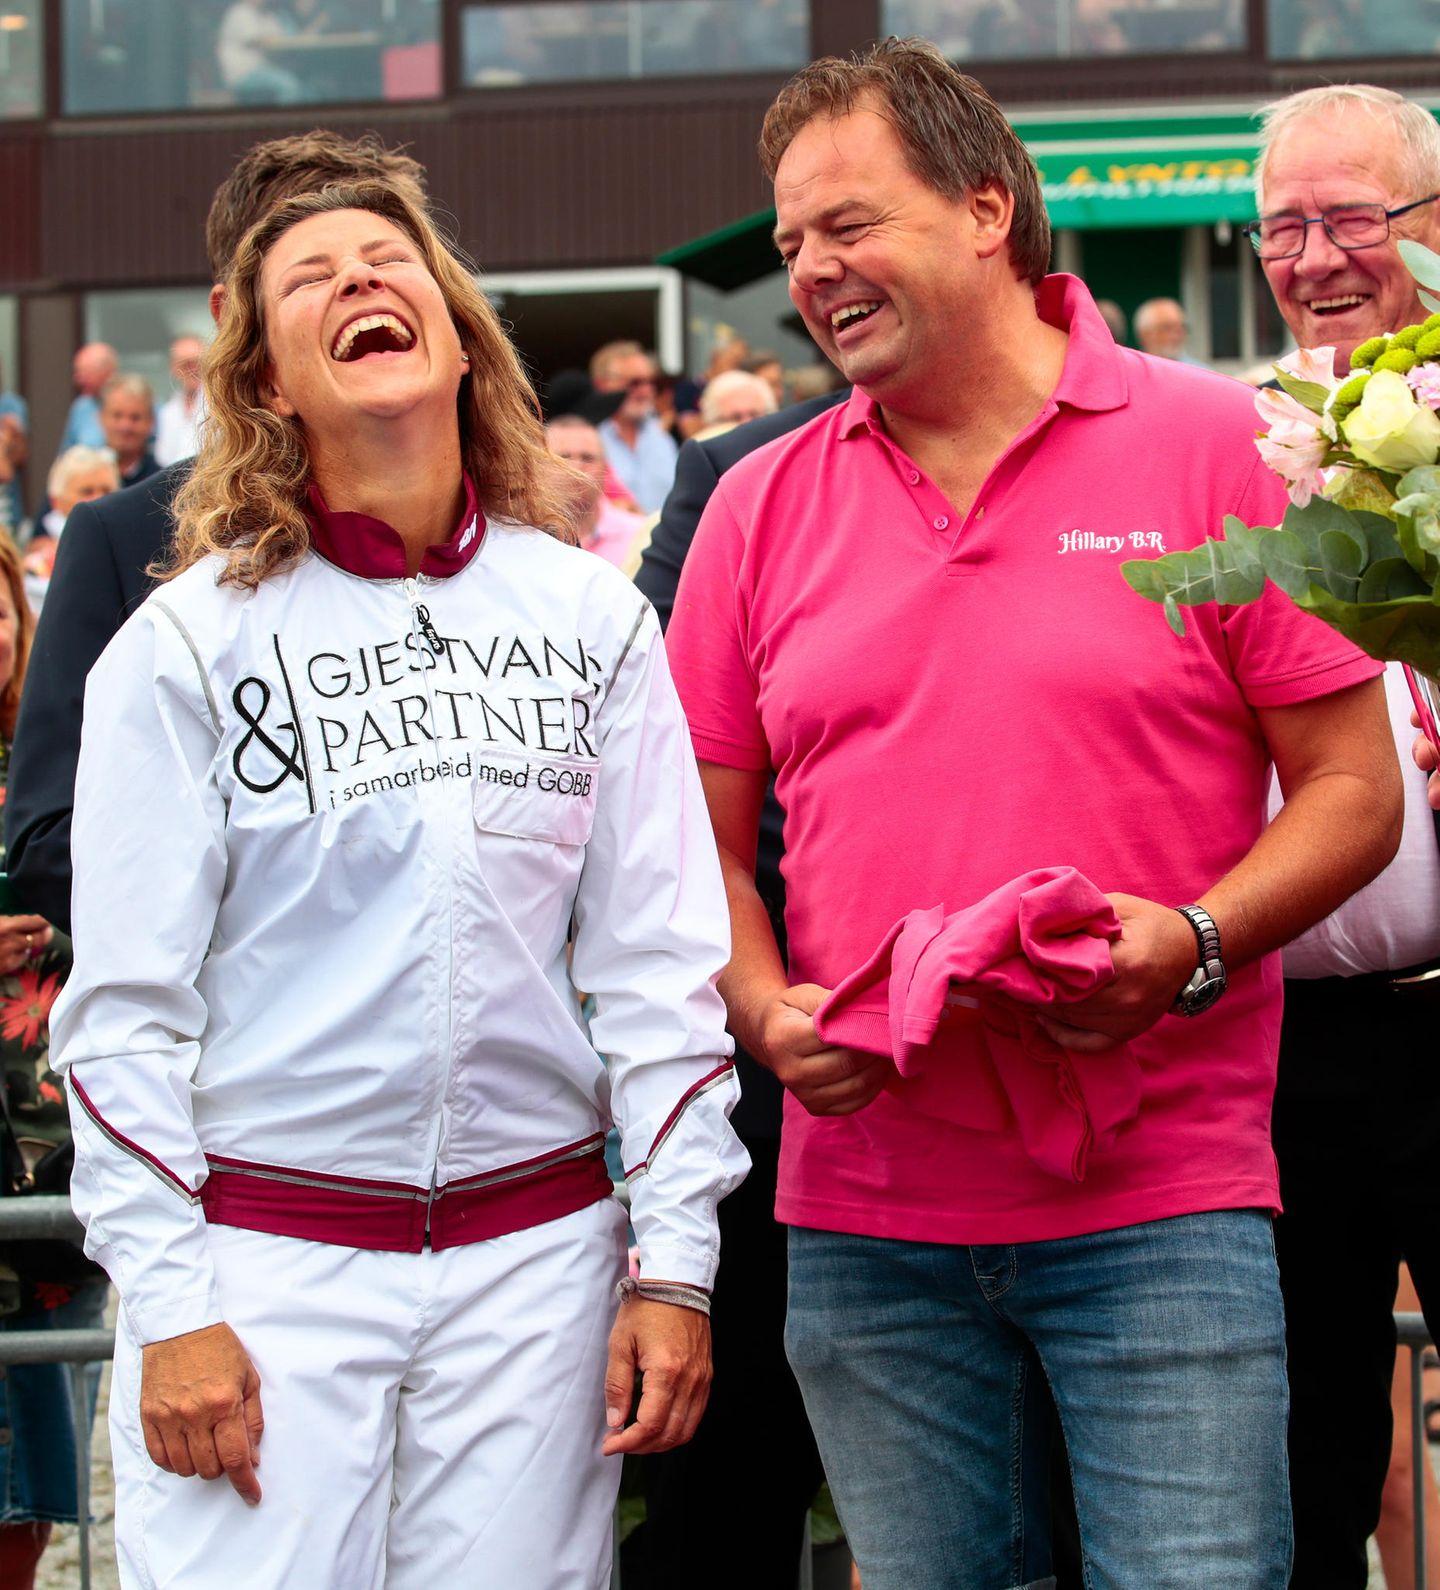 Als Sportlerin nimmt es die Prinzessin mit Humor und gesteht, dass sie vor dem Rennen ein wenig nervös war.